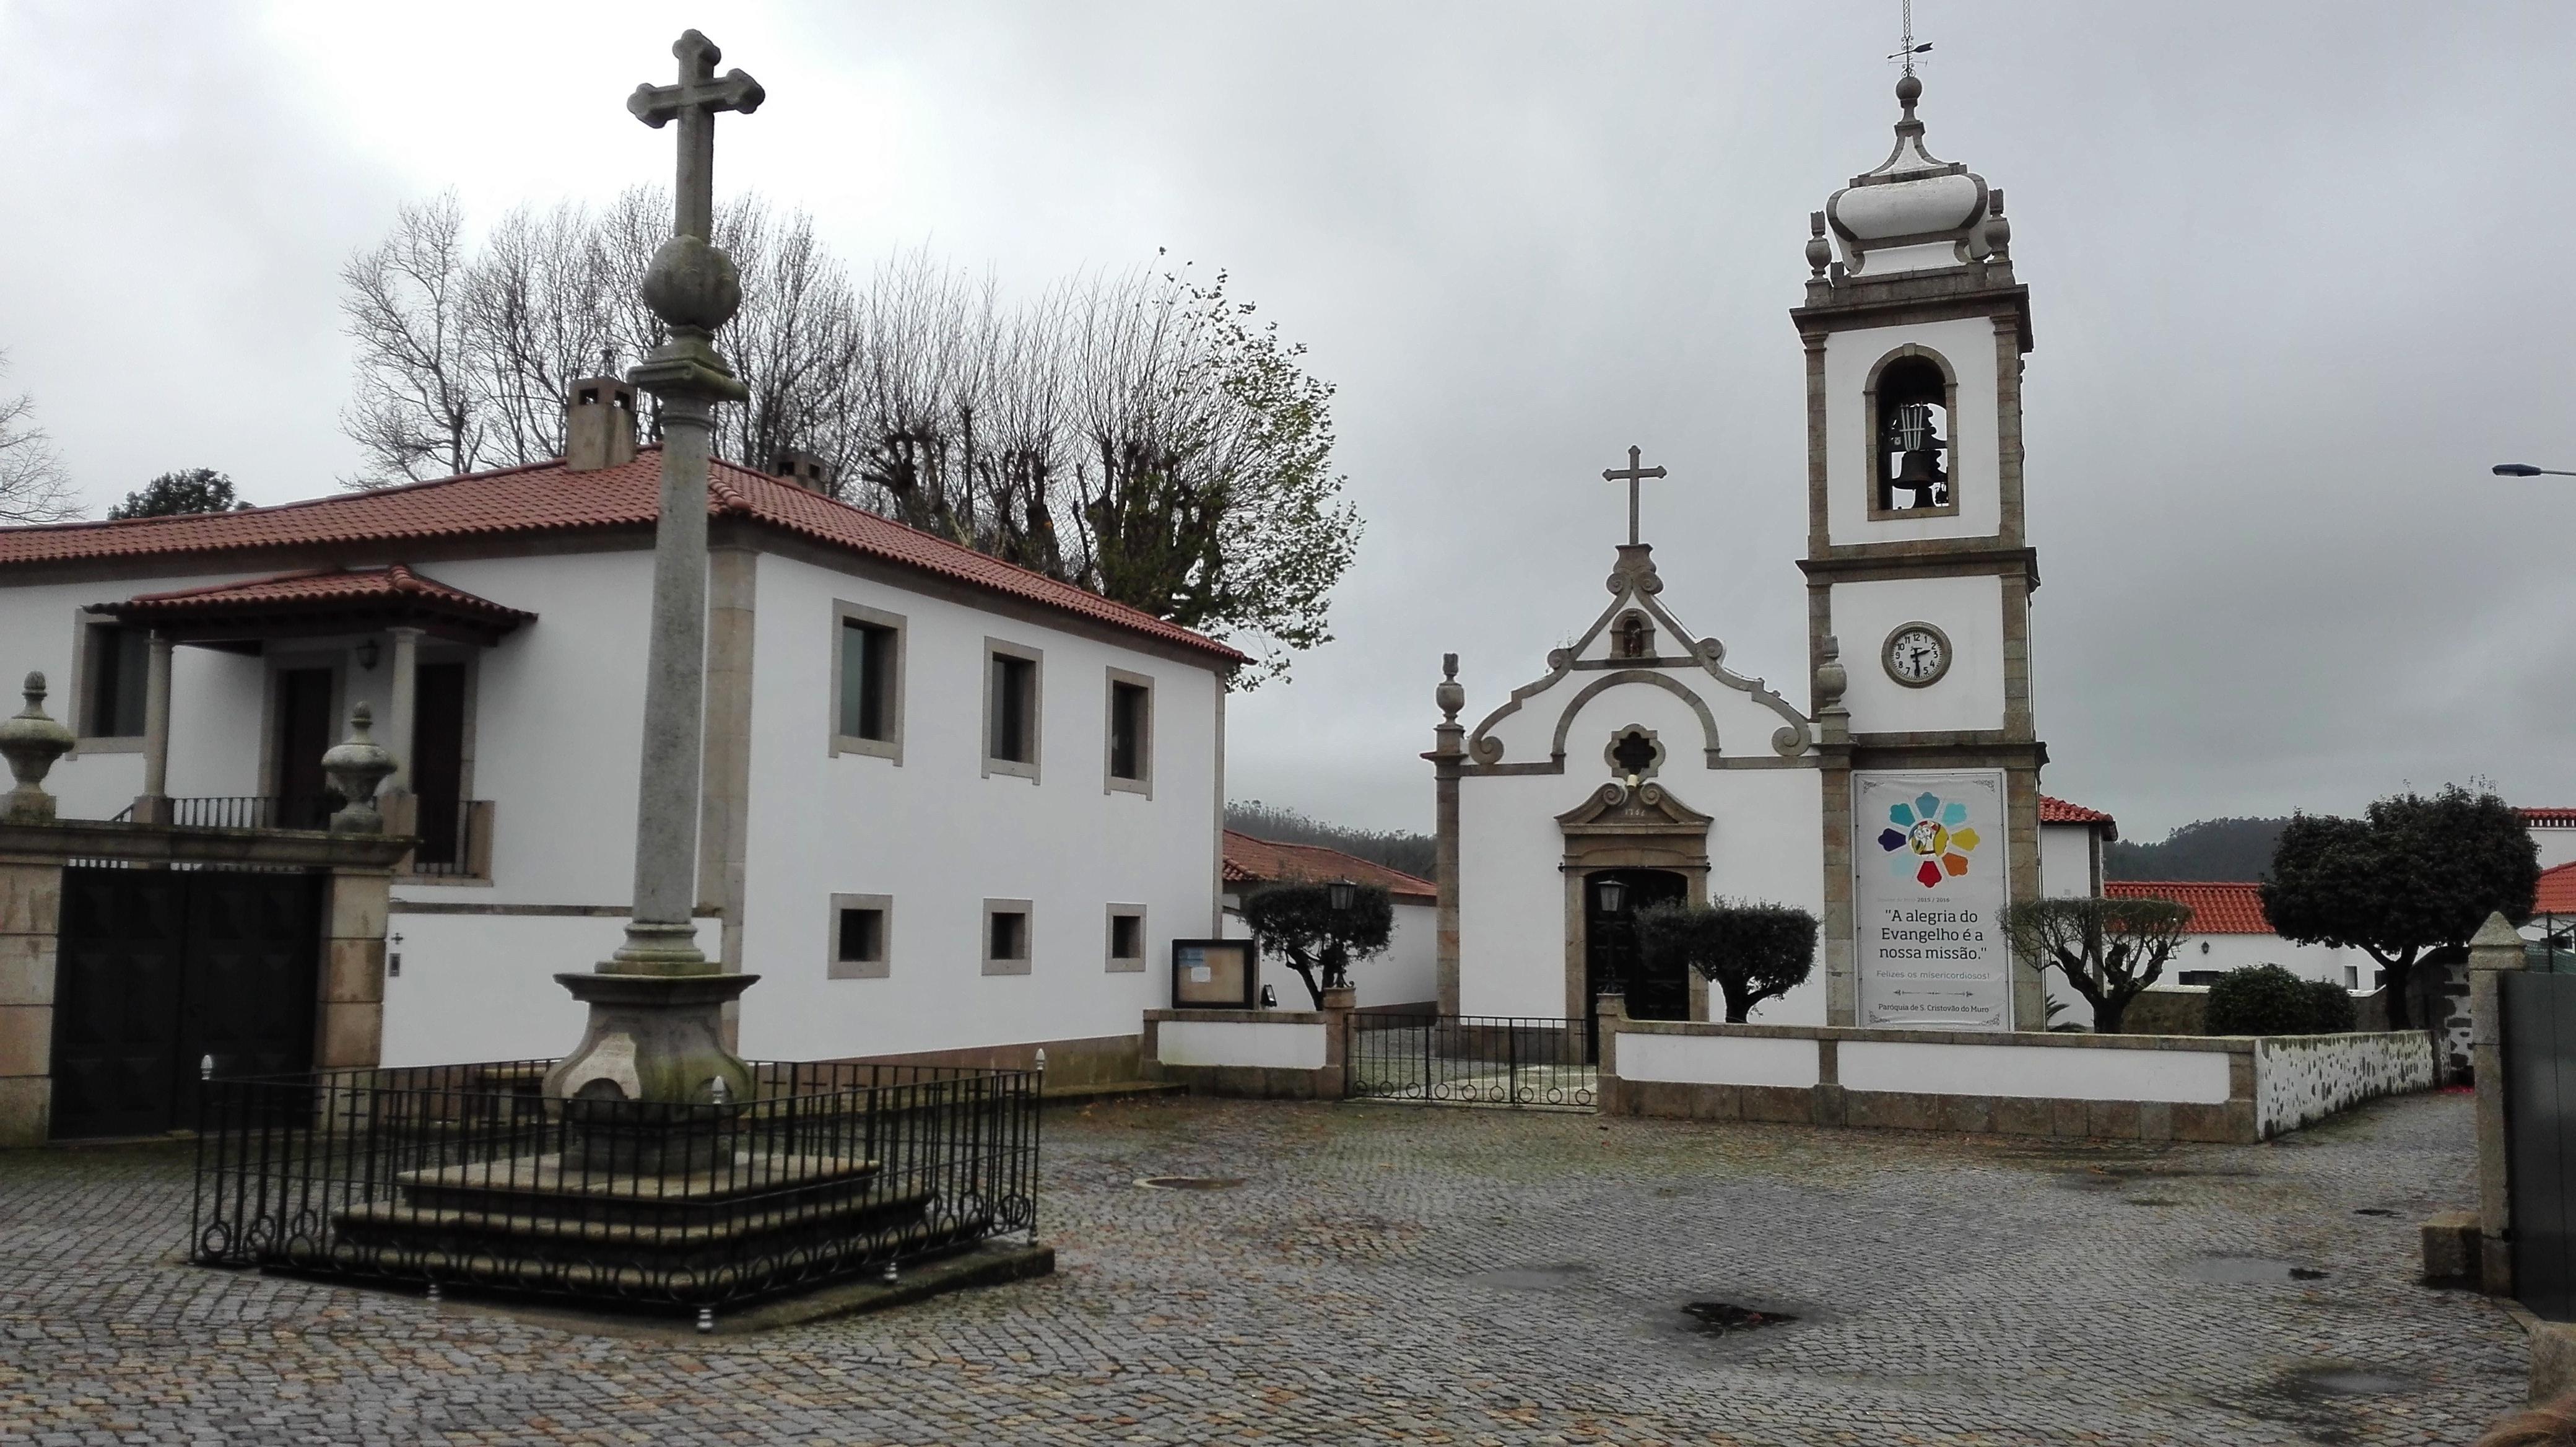 Trofa (Porto)